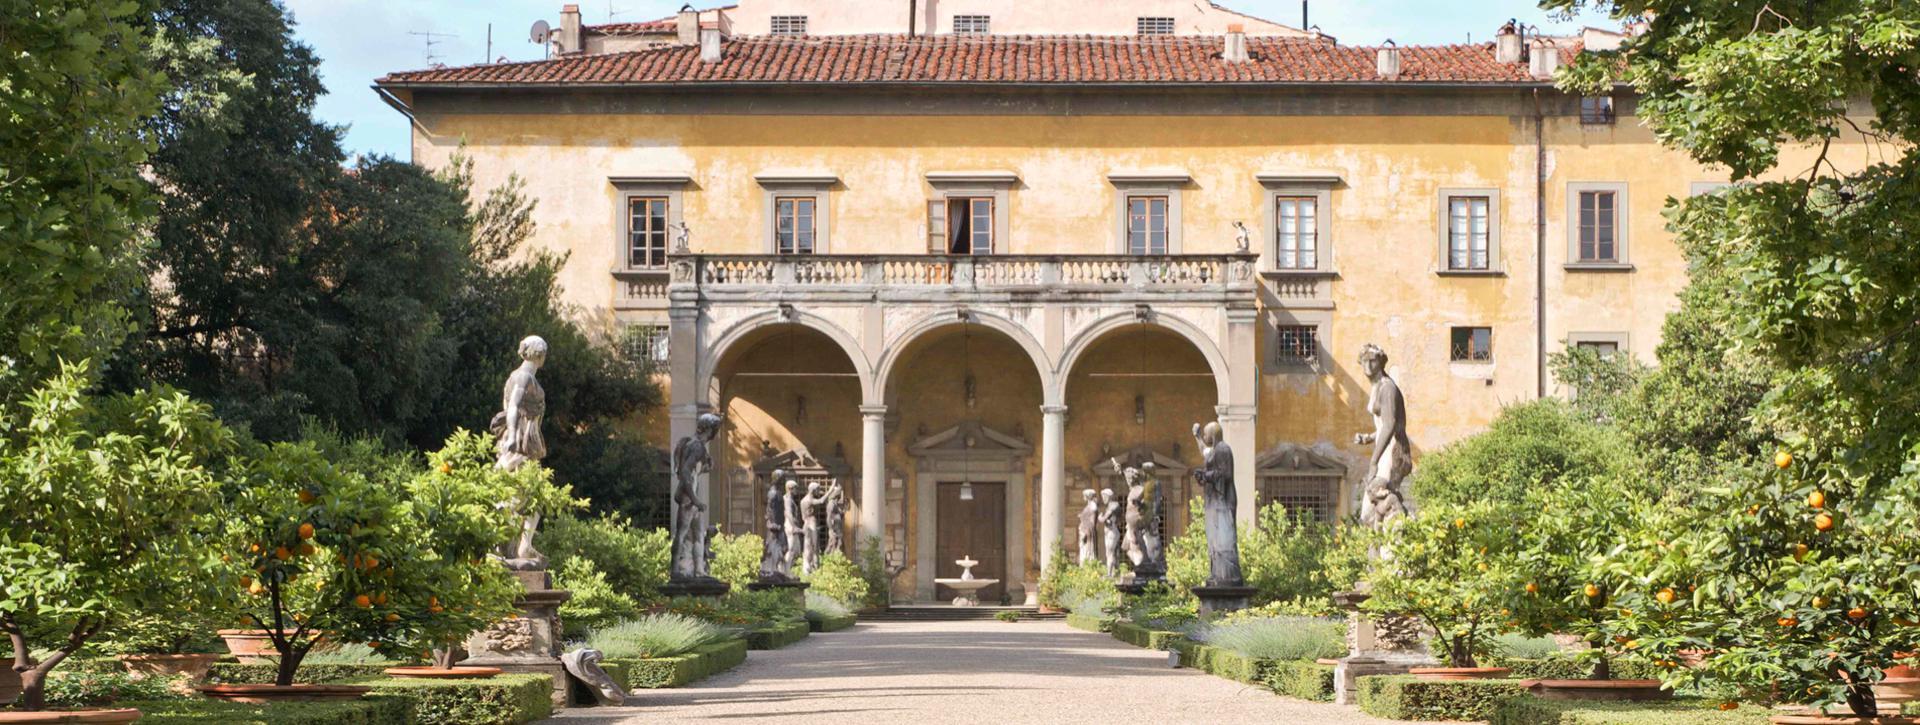 Firenze, al via la XXVI edizione di Artigianato e Palazzo